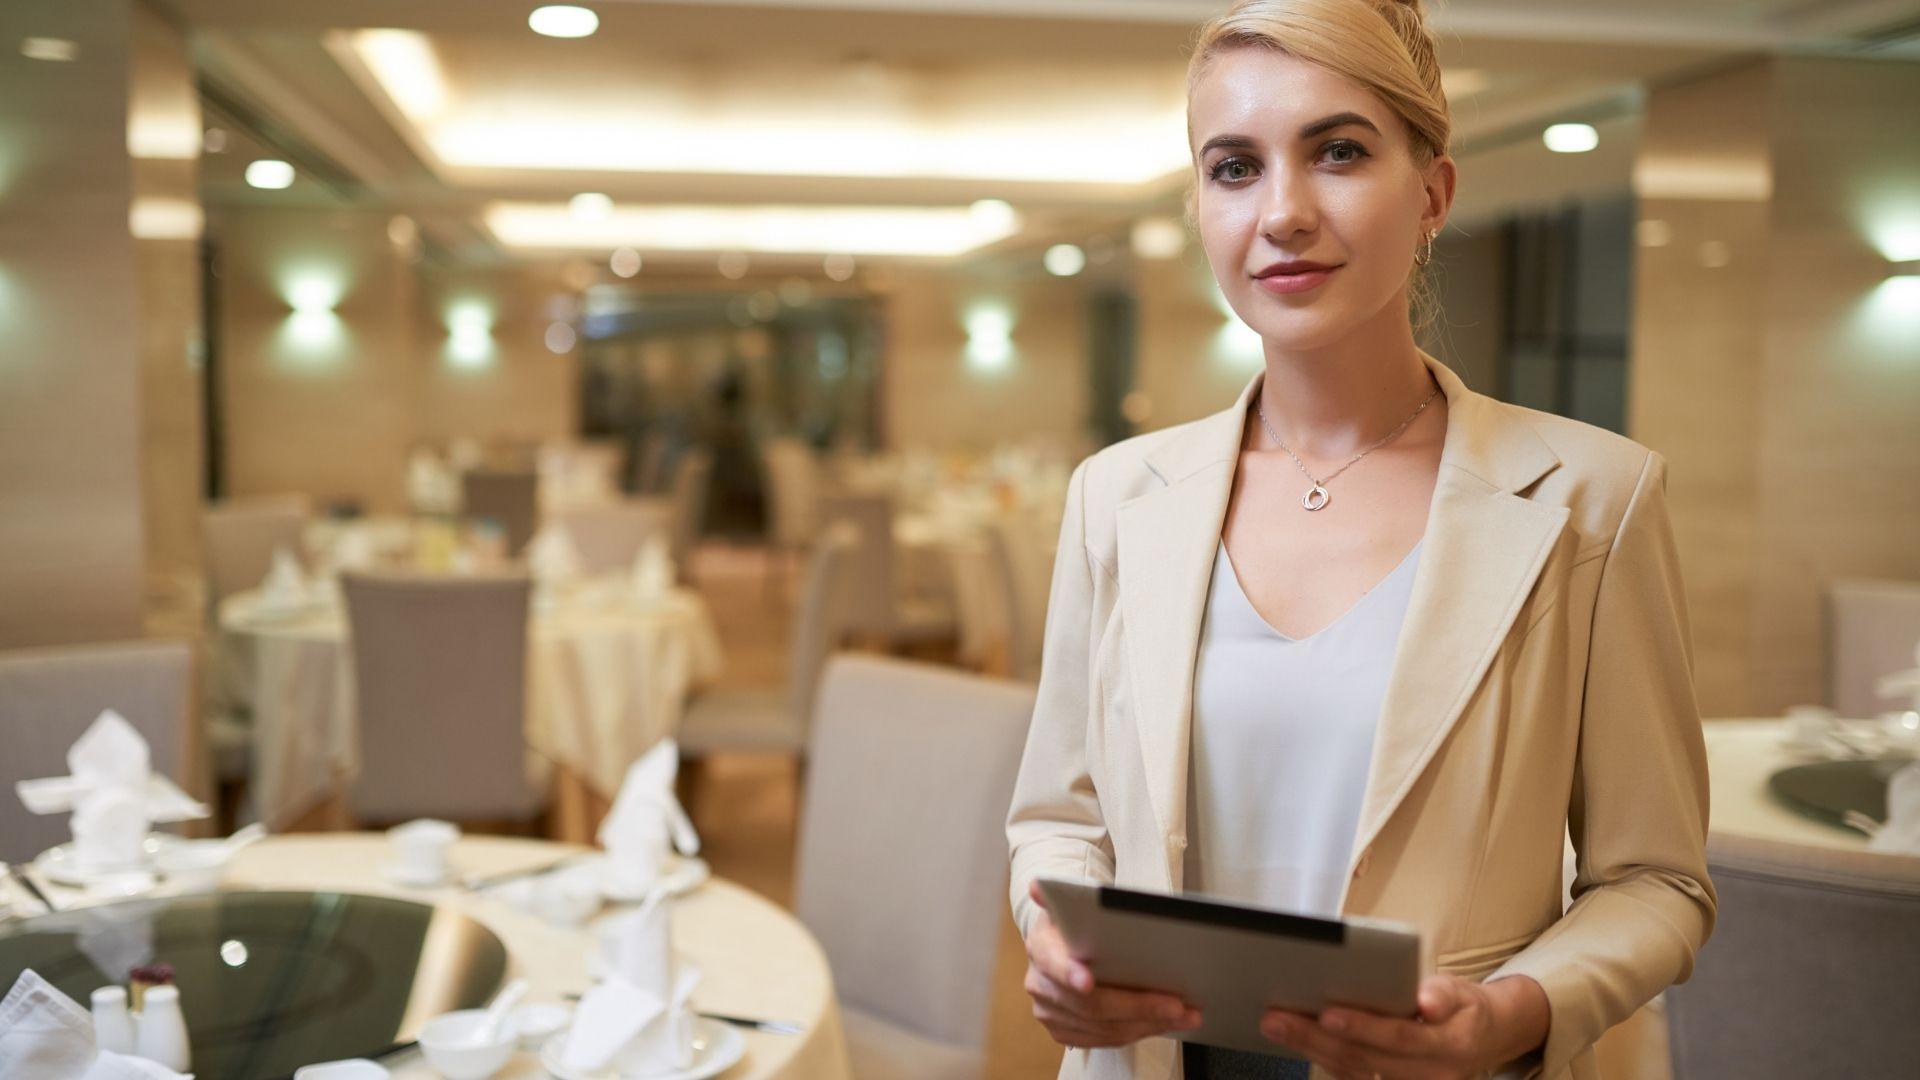 Gestione degli eventi nell'ospitalità